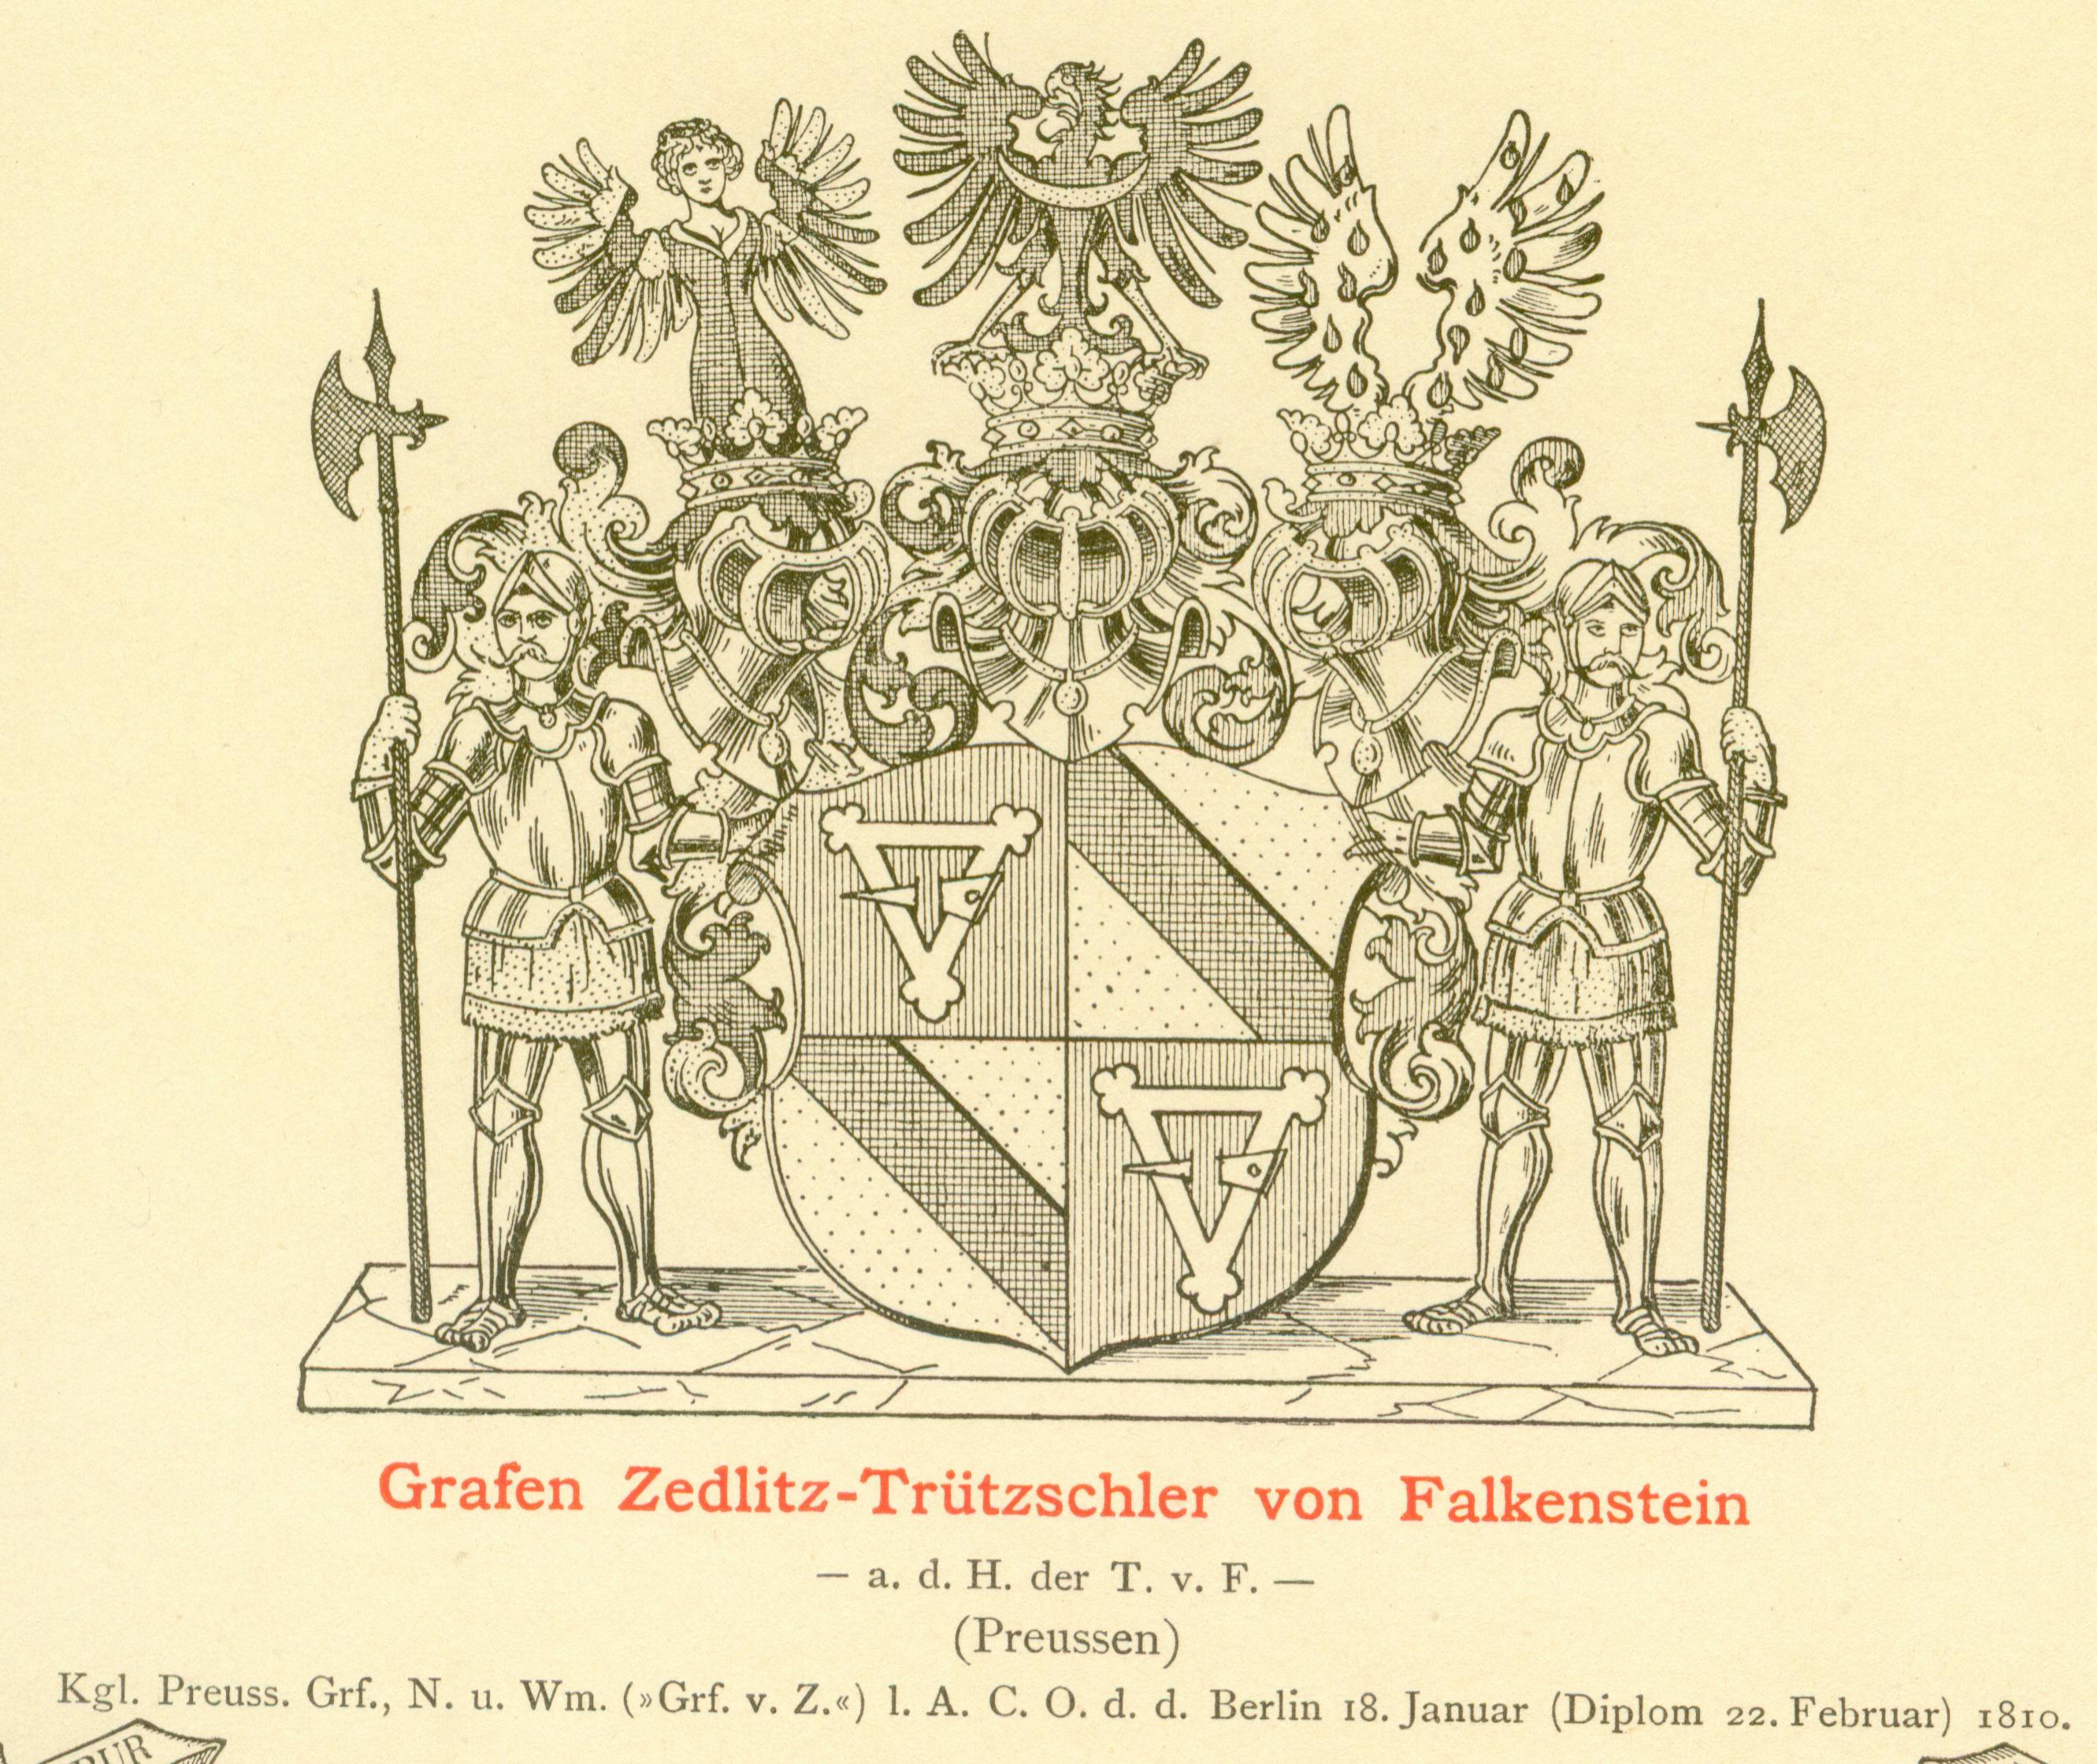 Zedlitz-Trutzschler von Falkenstein